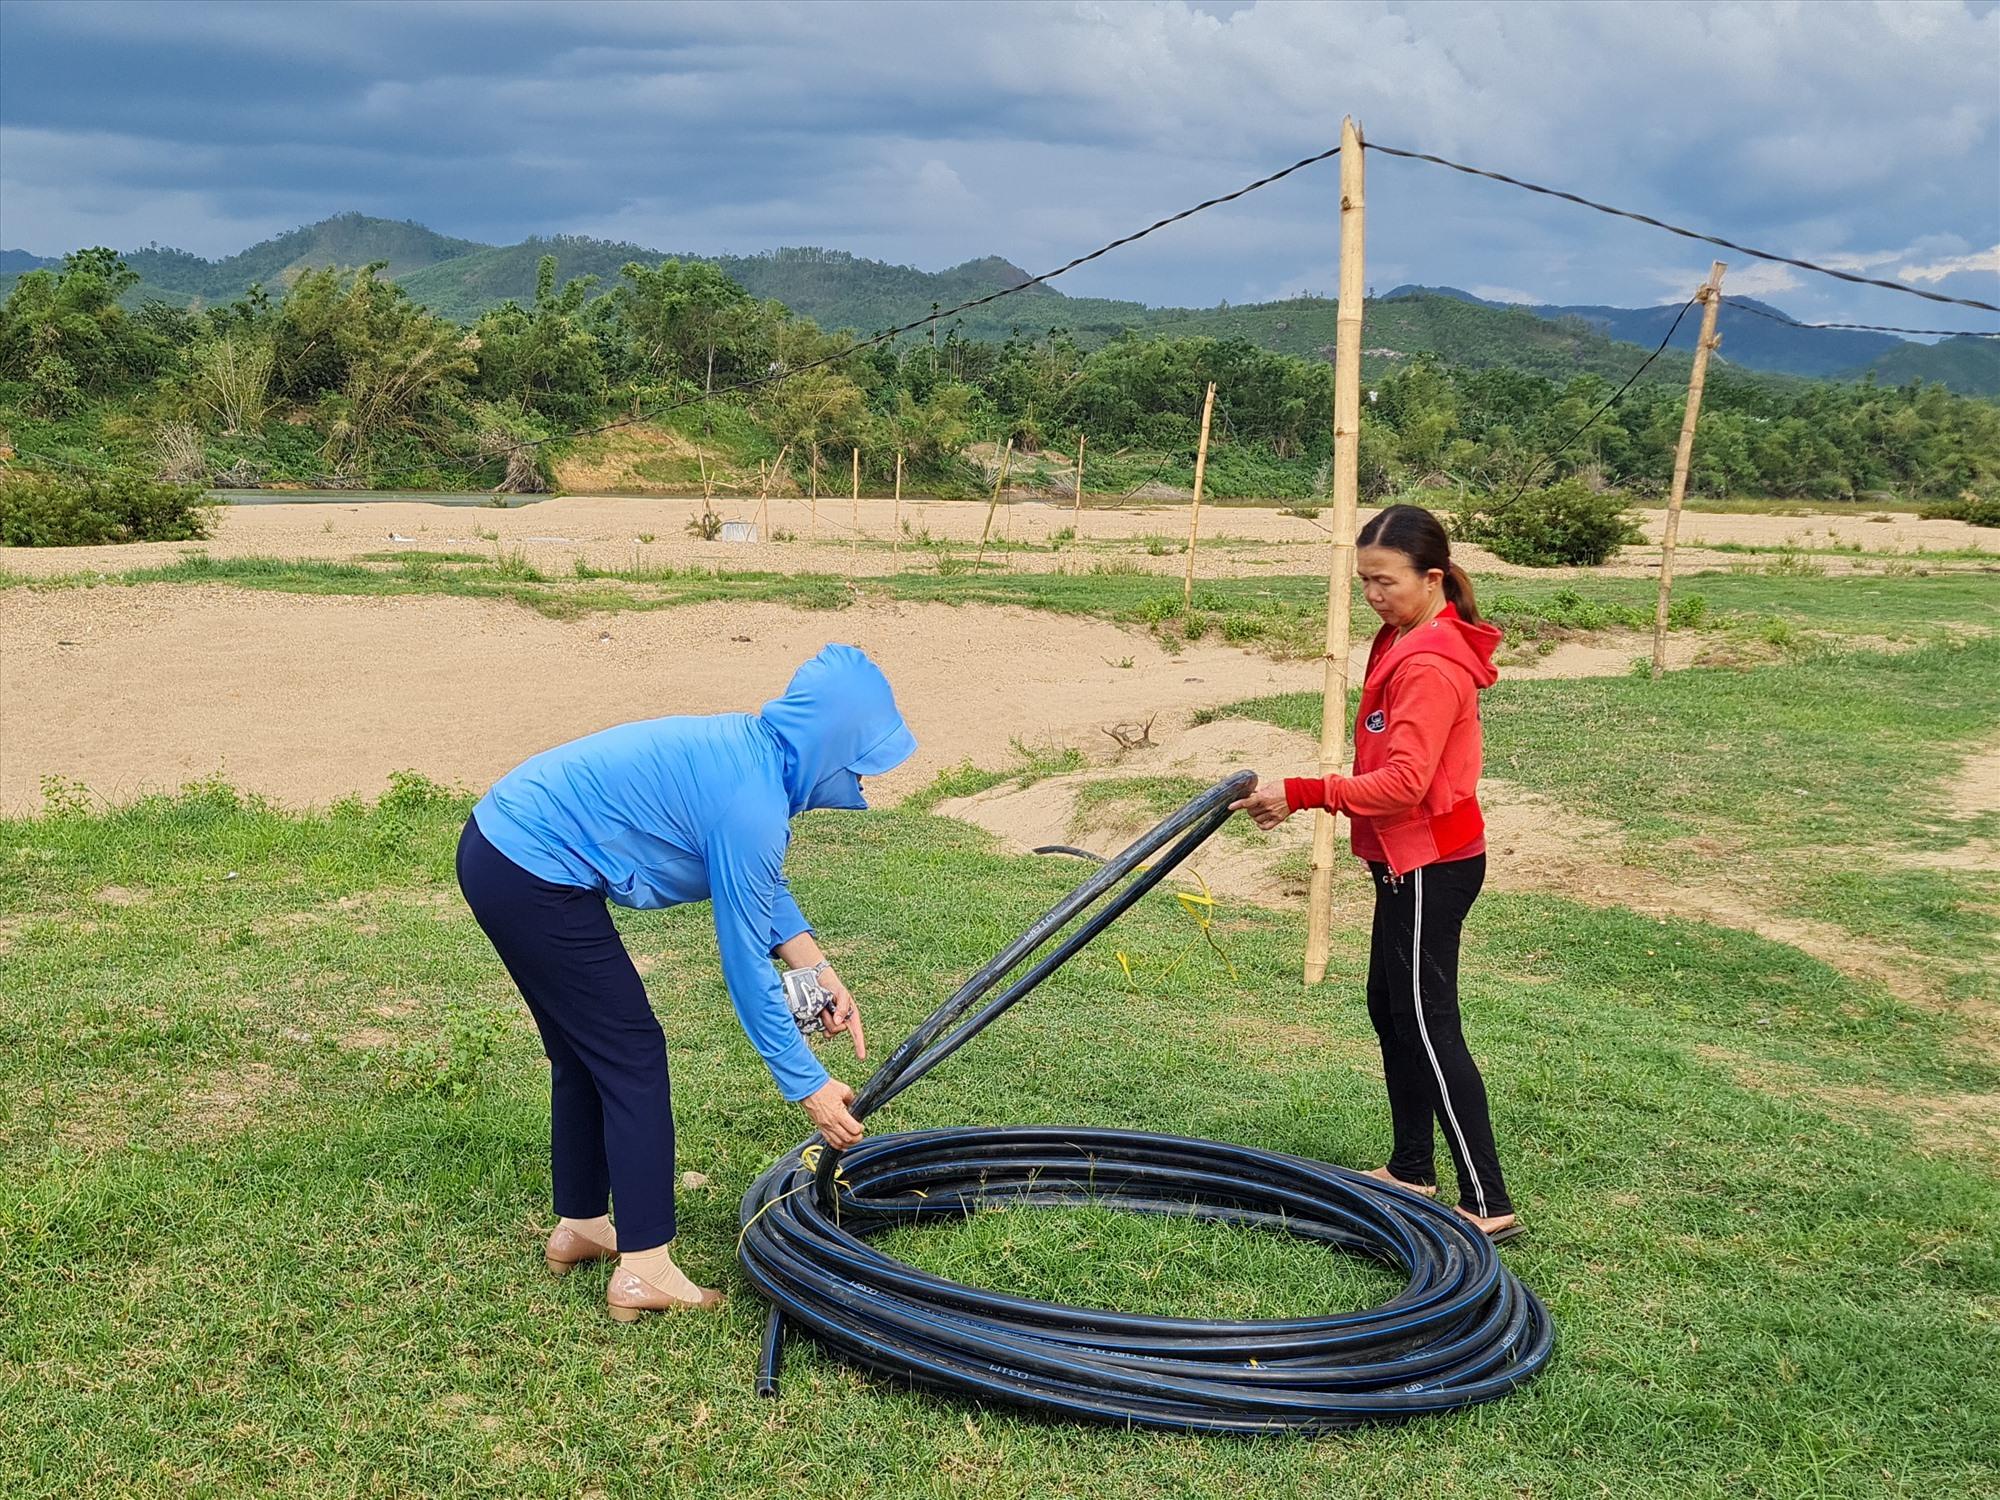 Để đưa nước về nhà, người dân phải bắt đường ống dài cả cây số. Ảnh: HOÀNG LIÊN